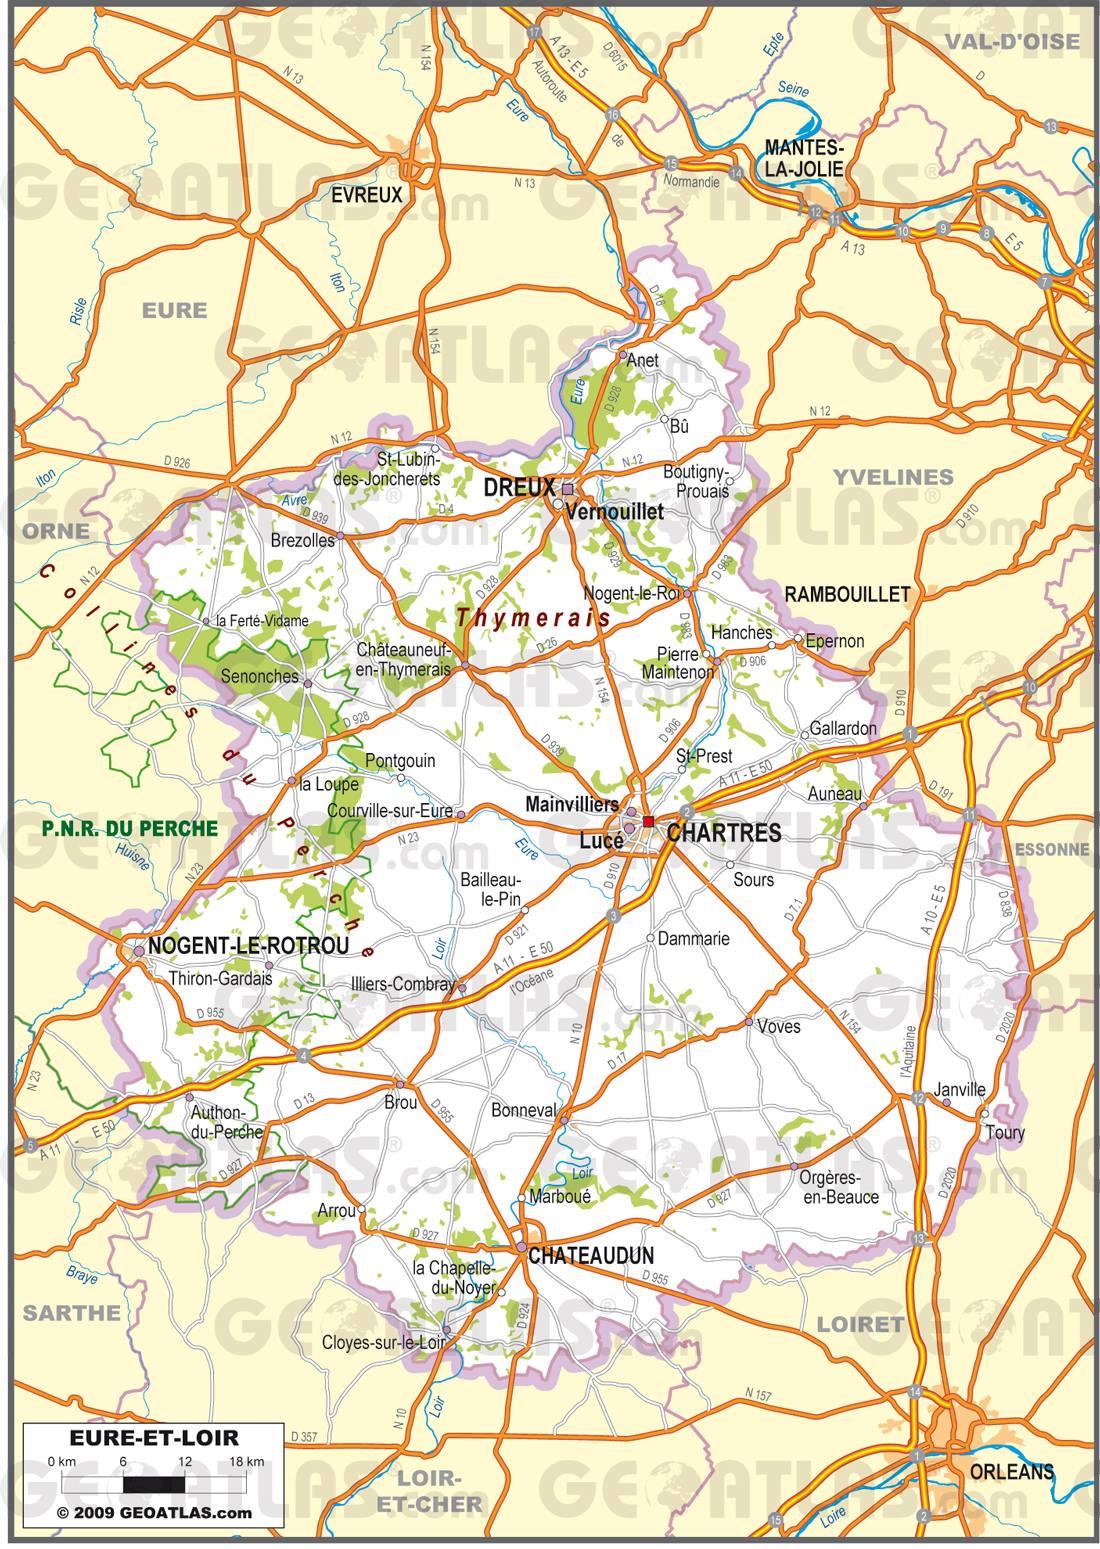 Carte routière de l'Eure-et-Loir